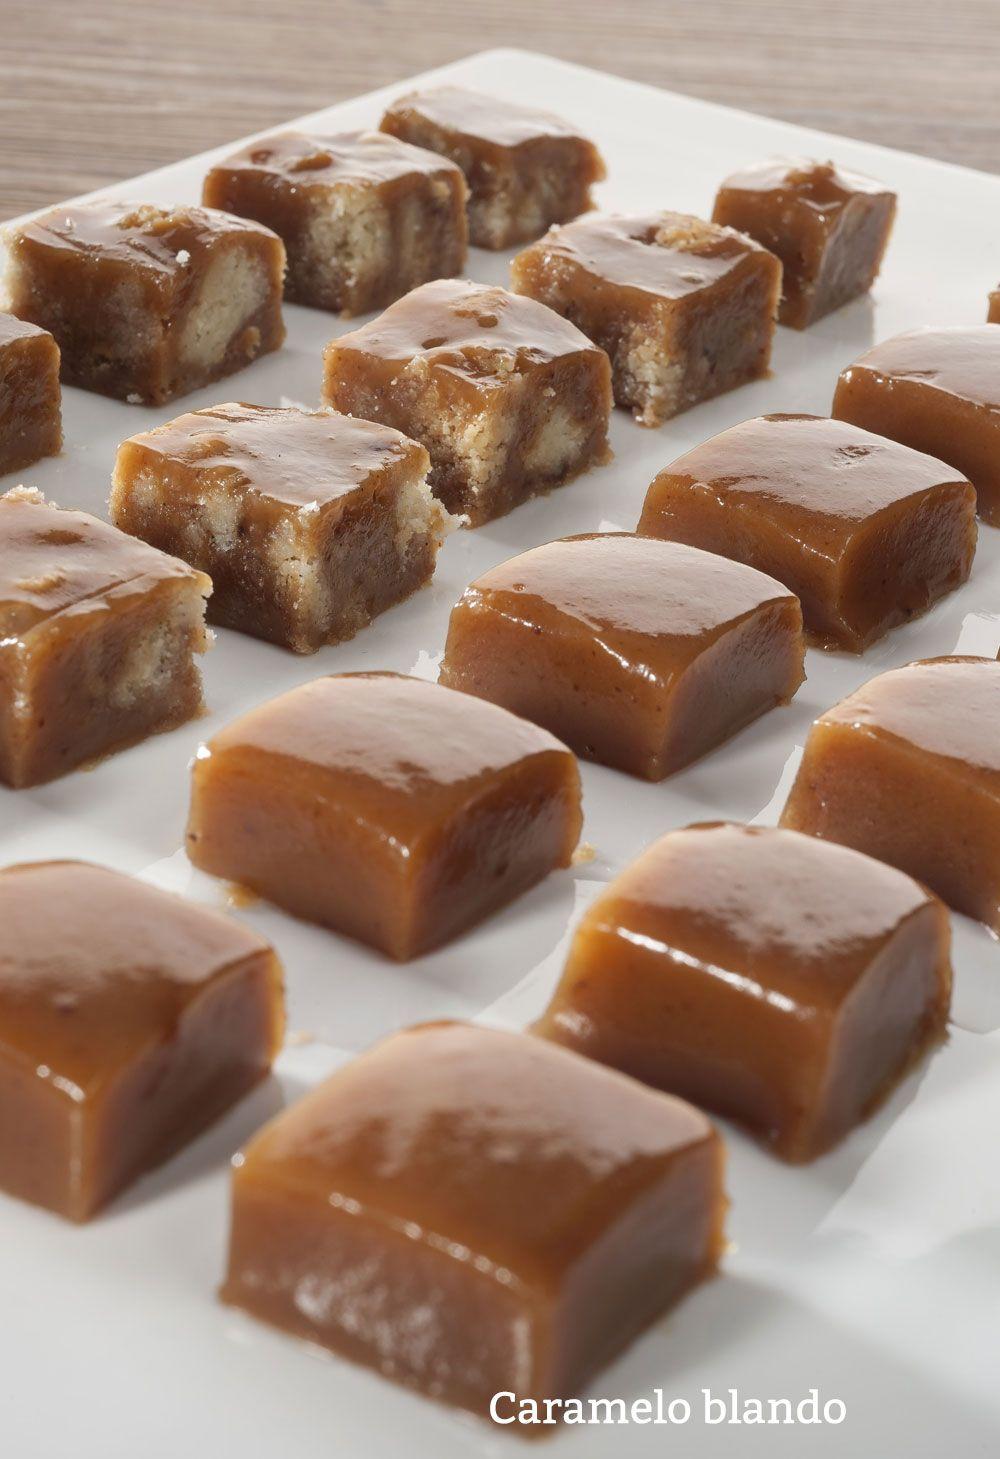 Caramelo blando